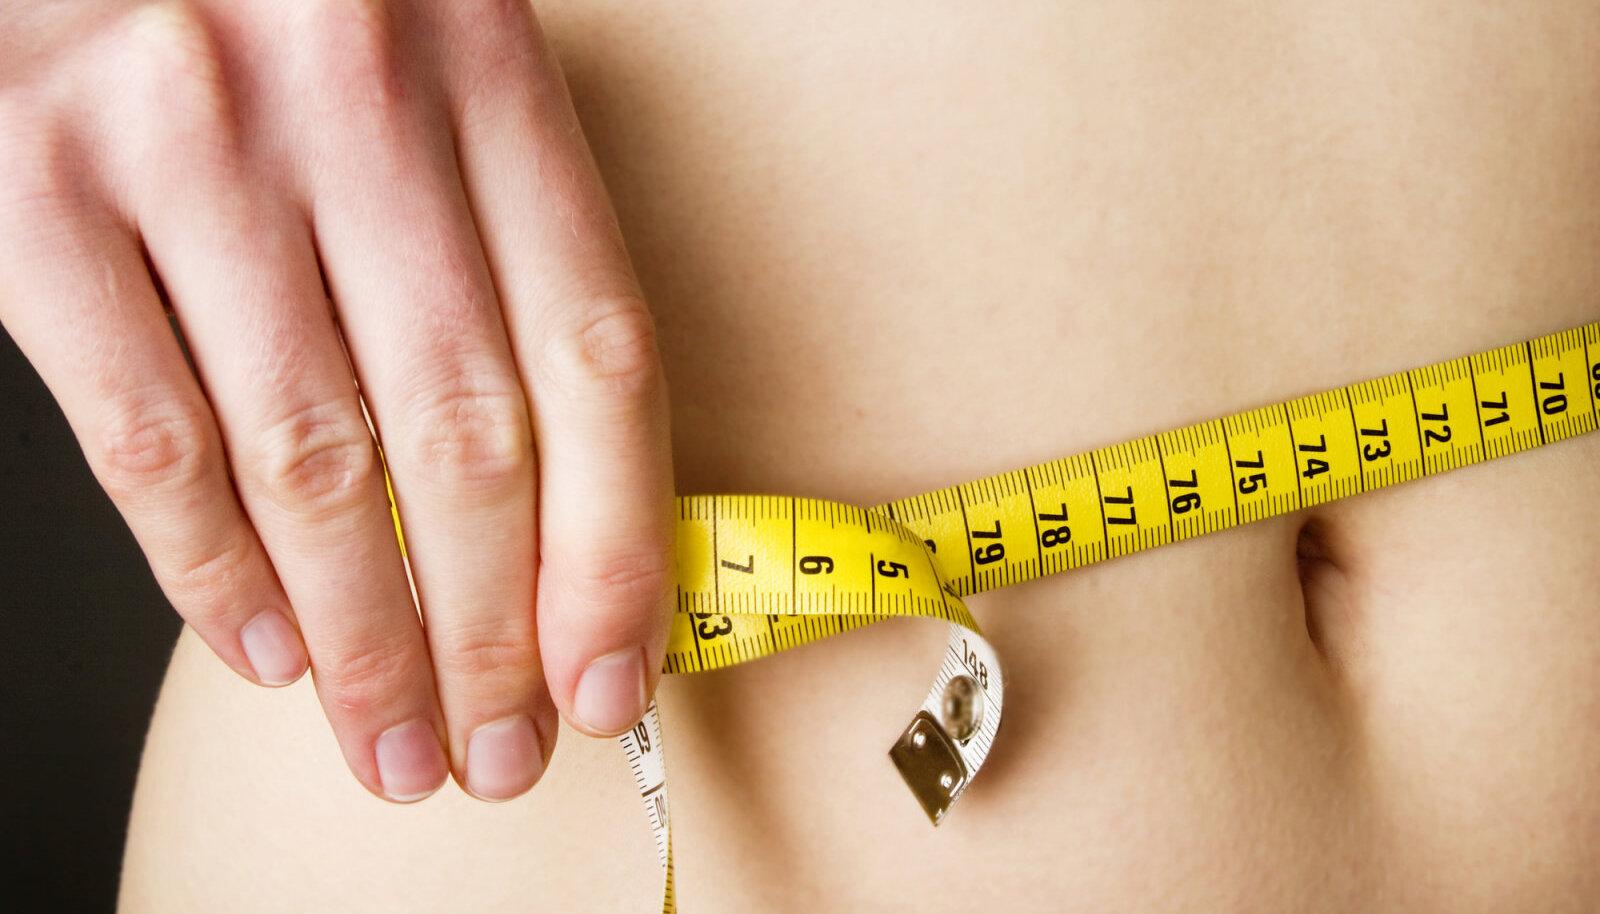 kuidas langeda kohu alla 1 kuu 20 kg kaalulangus